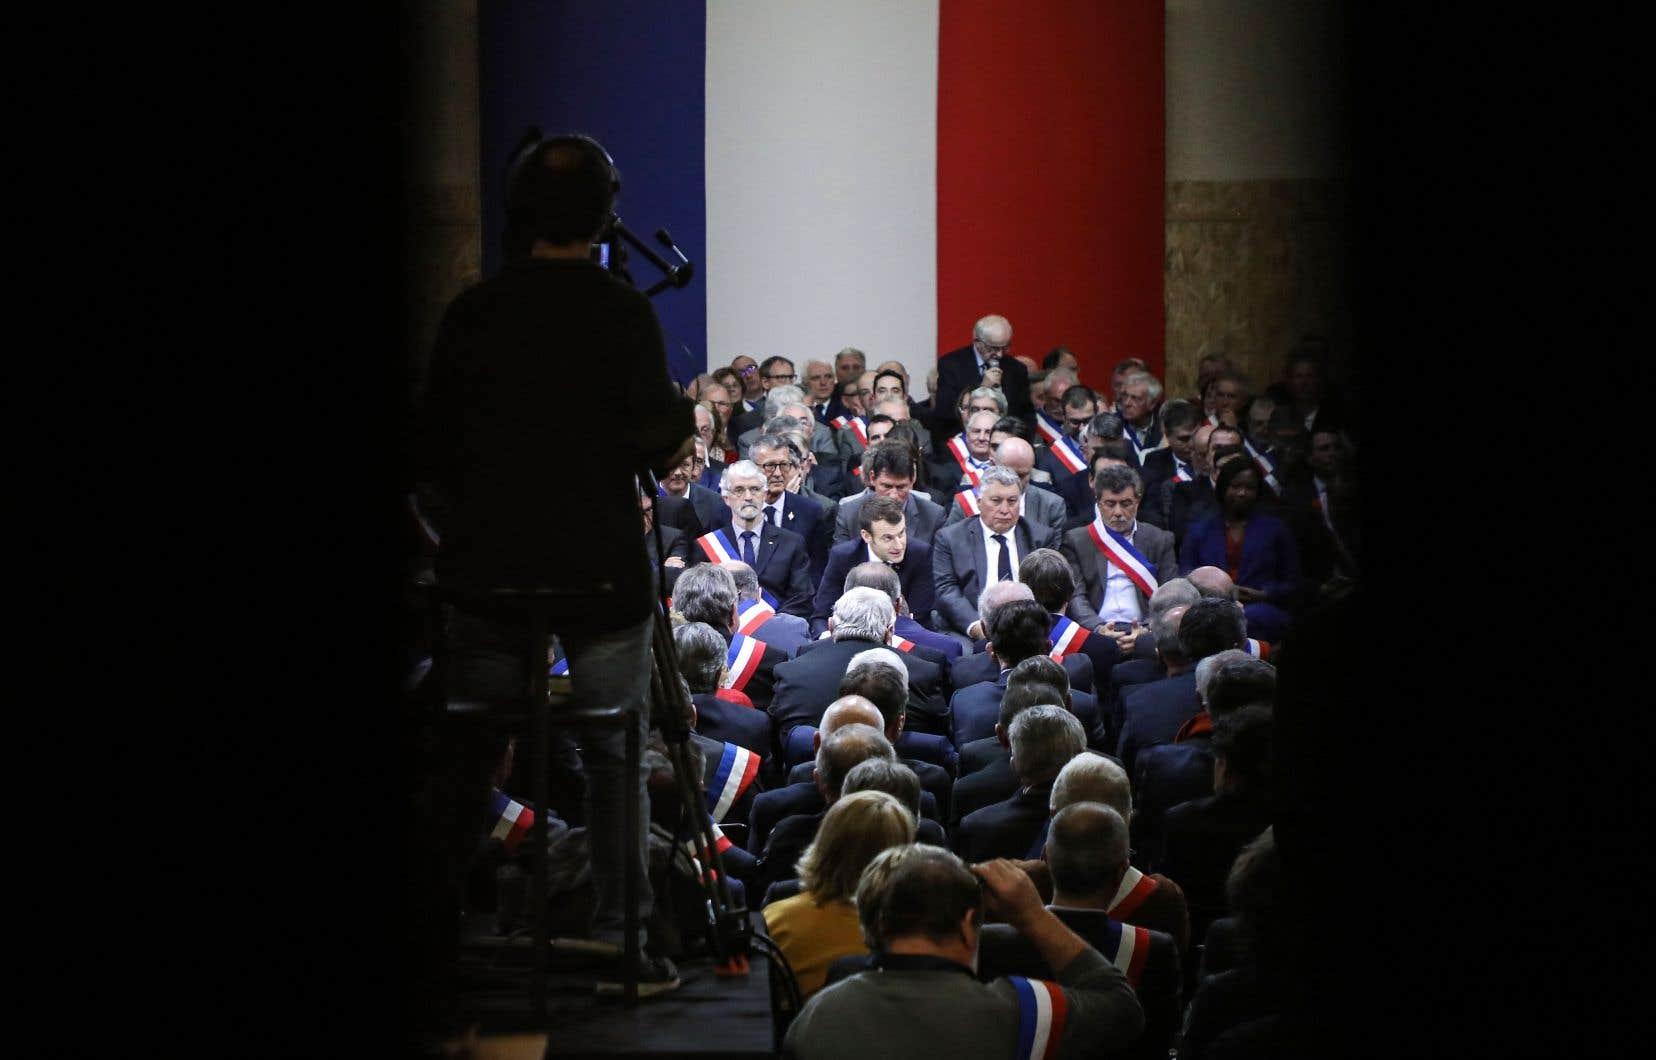 Le président Macron (au centre) s'est adressé à 600 maires de la région française de l'Occitanie, mardi soir, marquant le point de départ d'une vaste consultation qui doit durer trois mois.